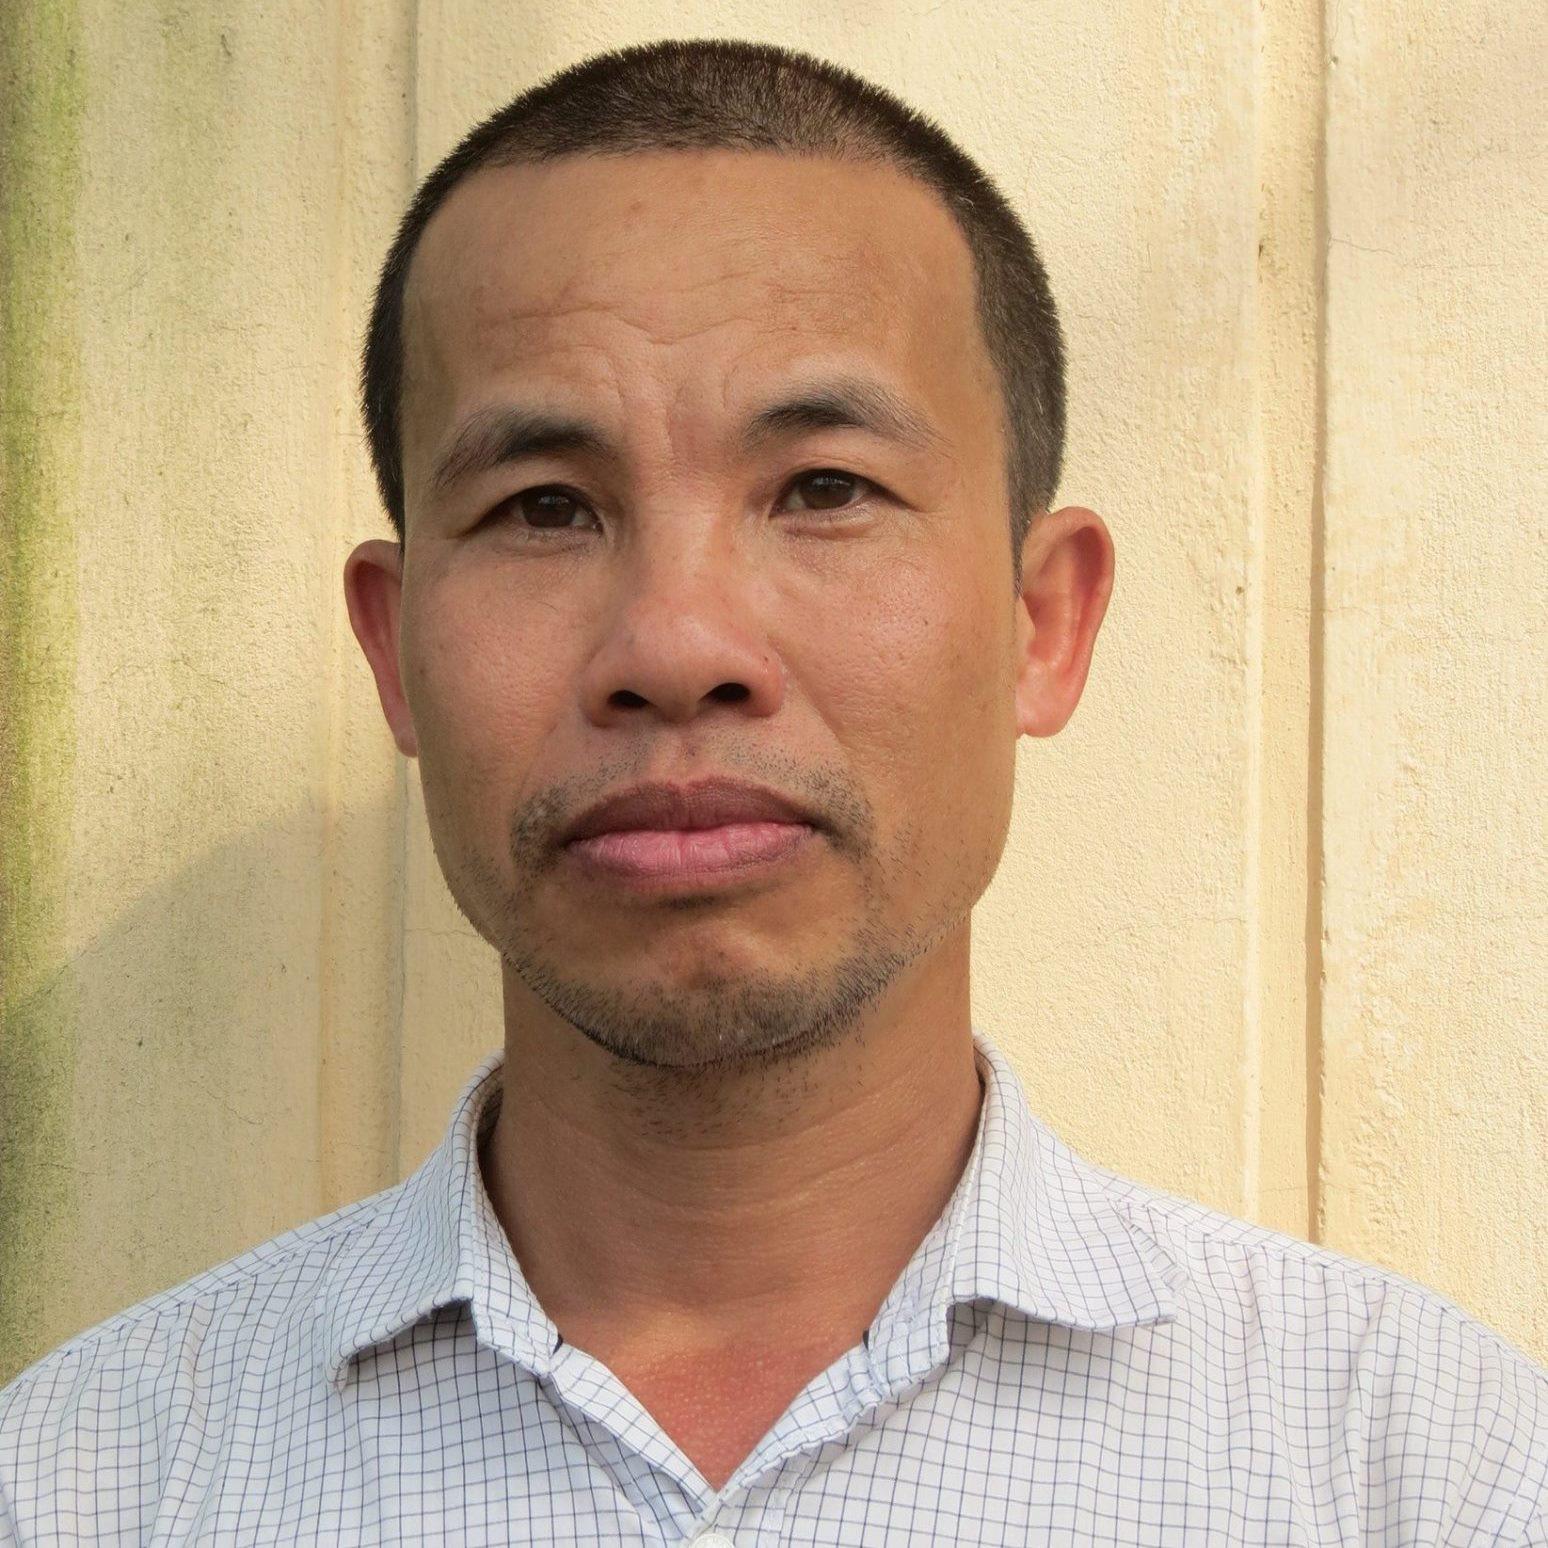 Công an Hà Nội lại bắt trái phép nhà hoạt động Trương Minh Tam